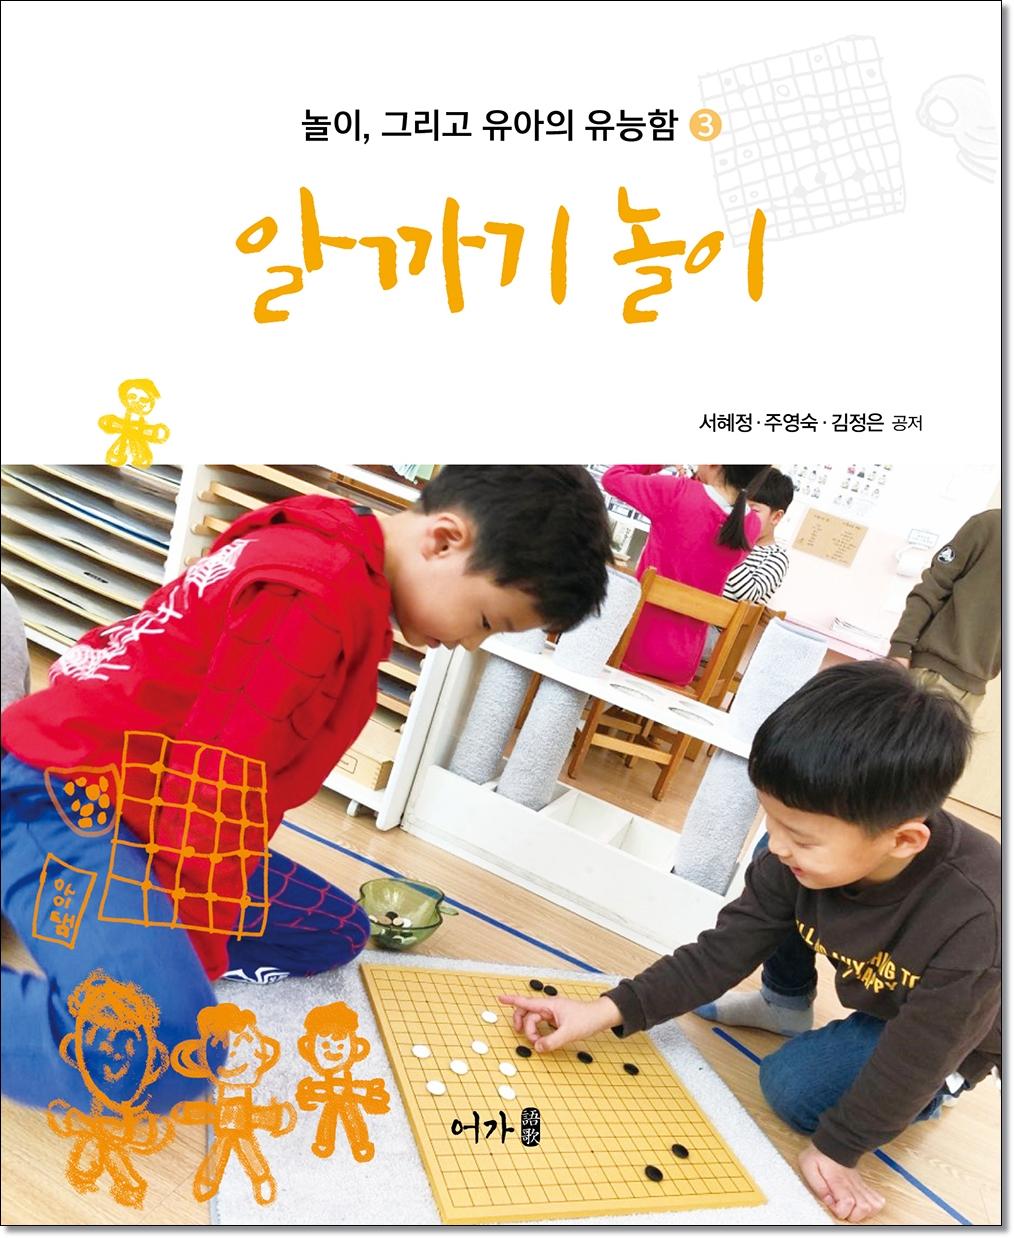 3 알까기 놀이 표지-홈페이지용.jpg